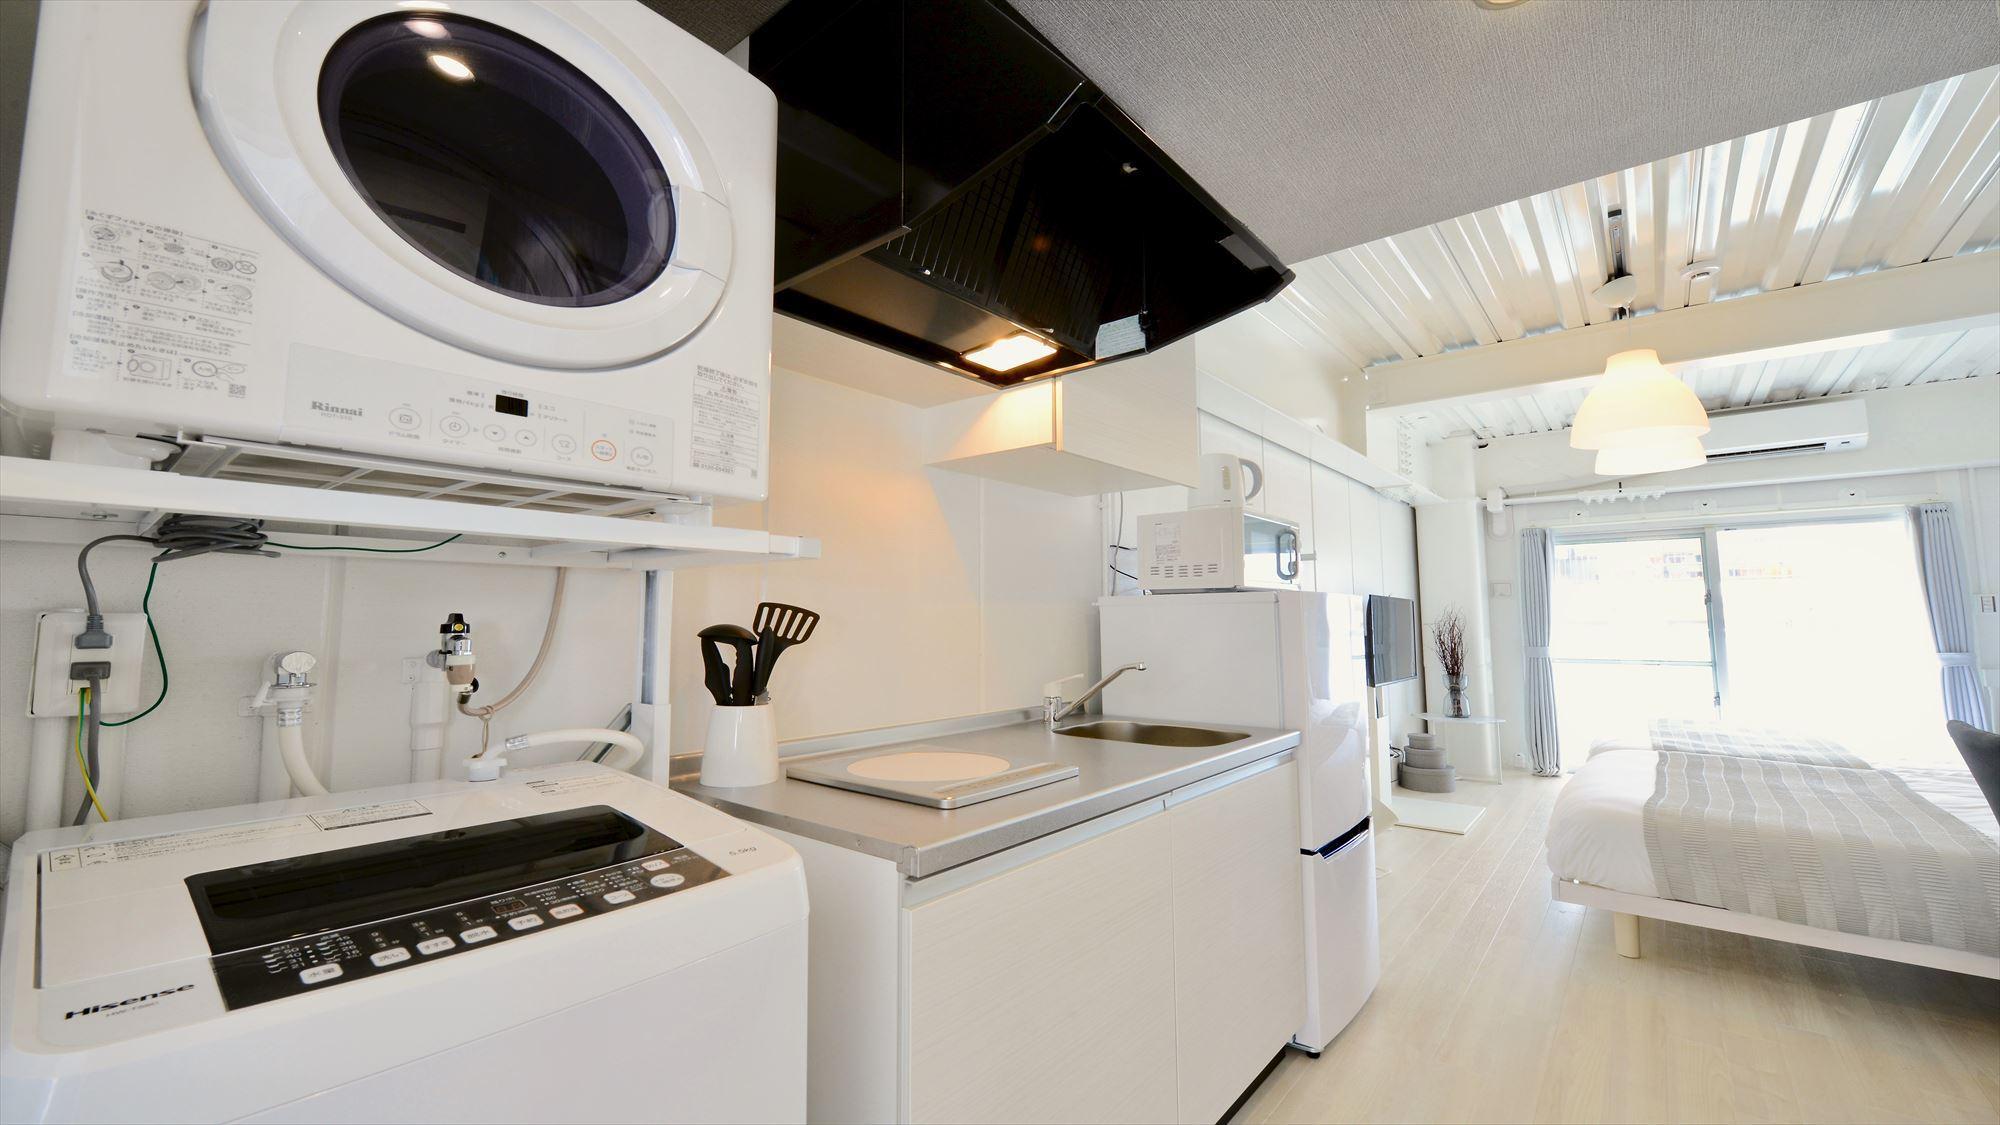 502号室 キッチン洗濯機・乾燥機